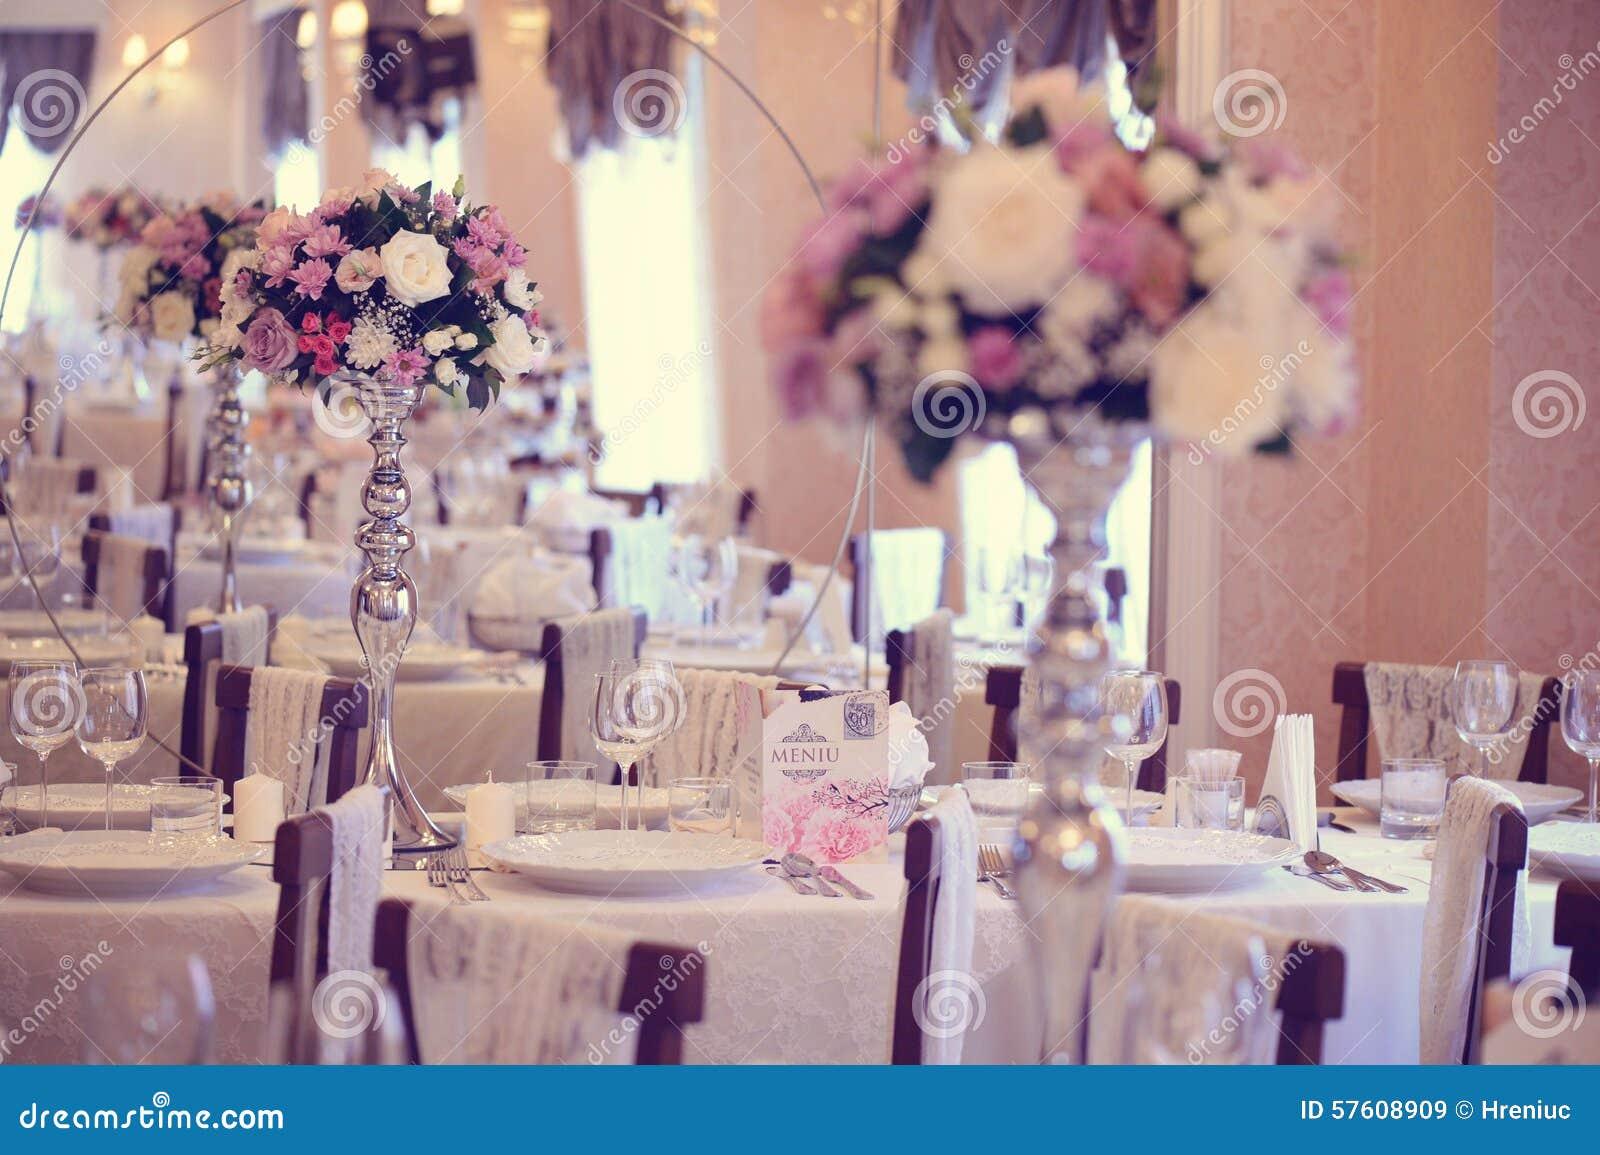 Blüht Dekoration Auf Hochzeitstafel Stockbild - Bild von verbindung ...